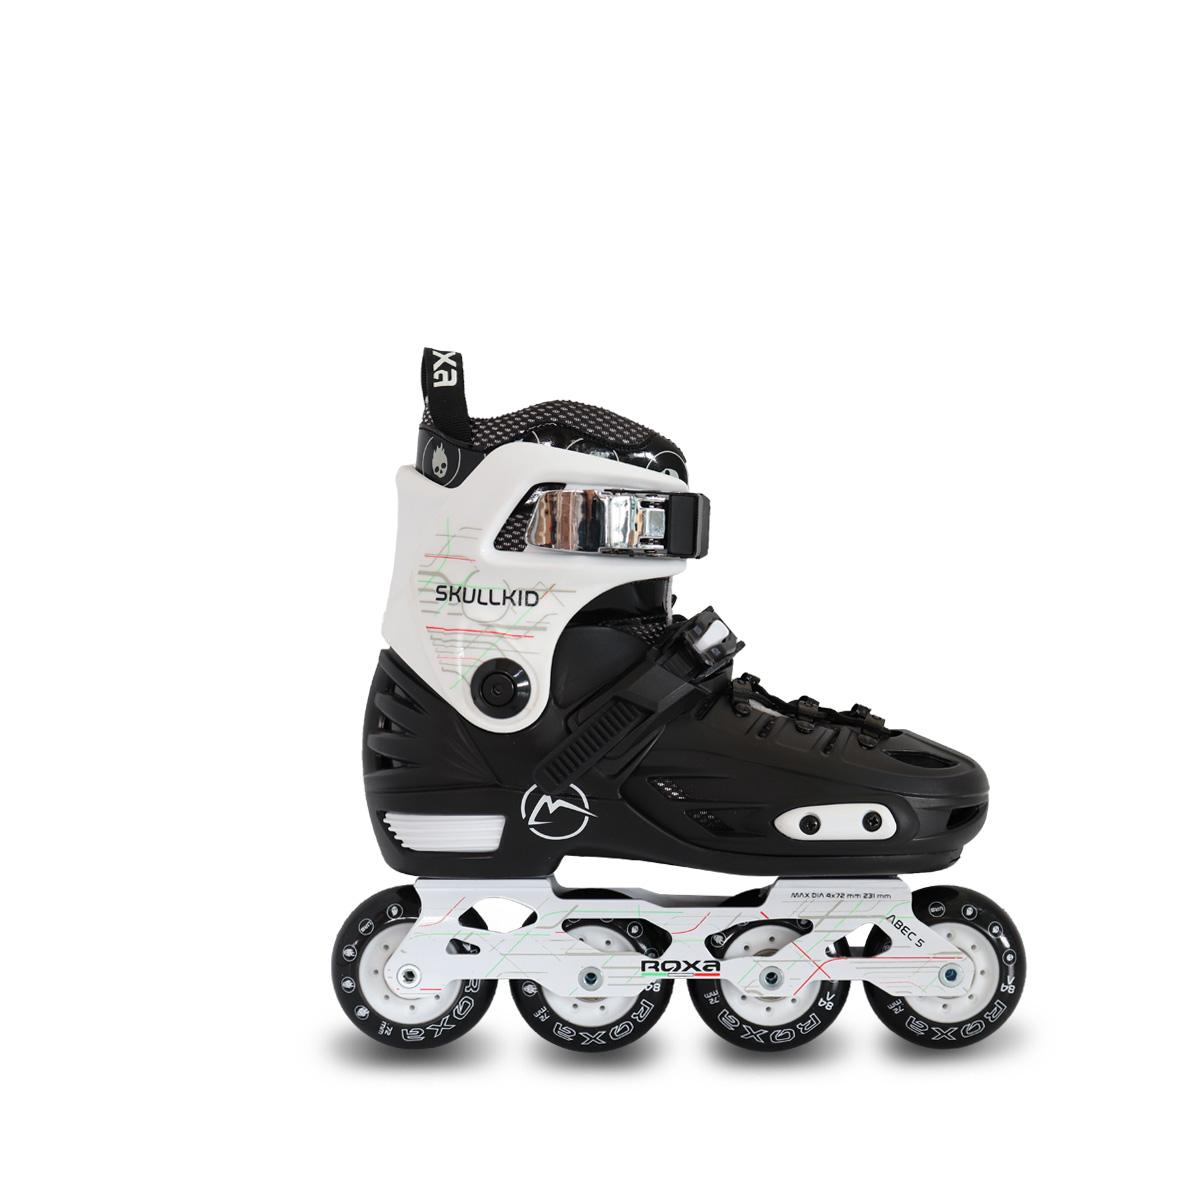 skull kid pattini a quattro ruote allungabili roxa 2020